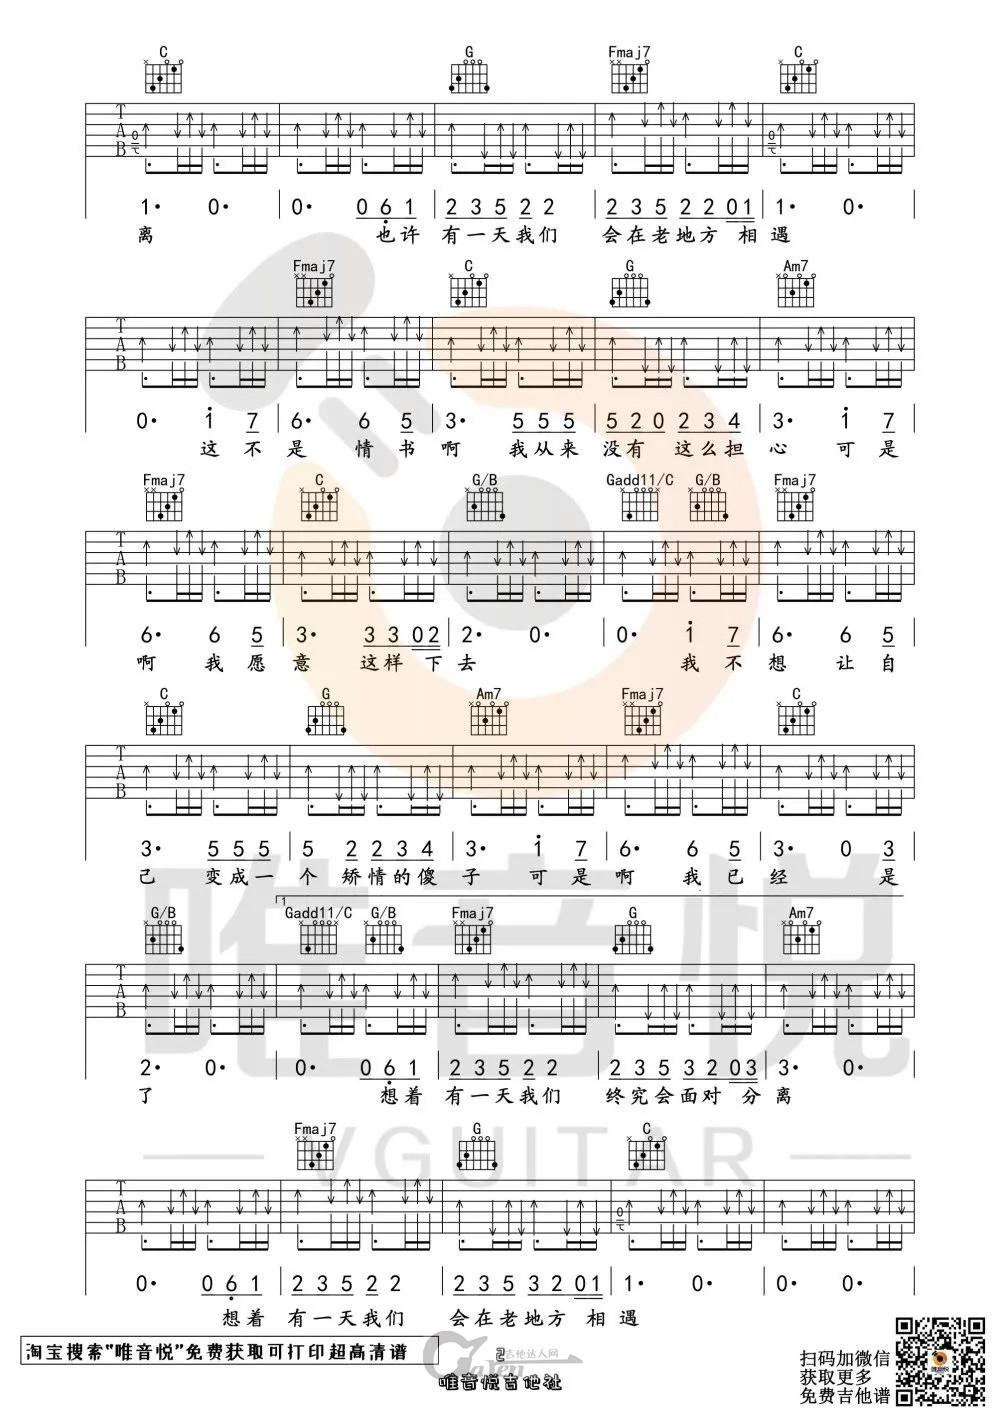 郭顶《想着你》G调吉他谱_吉他教学视频_吉他达人网